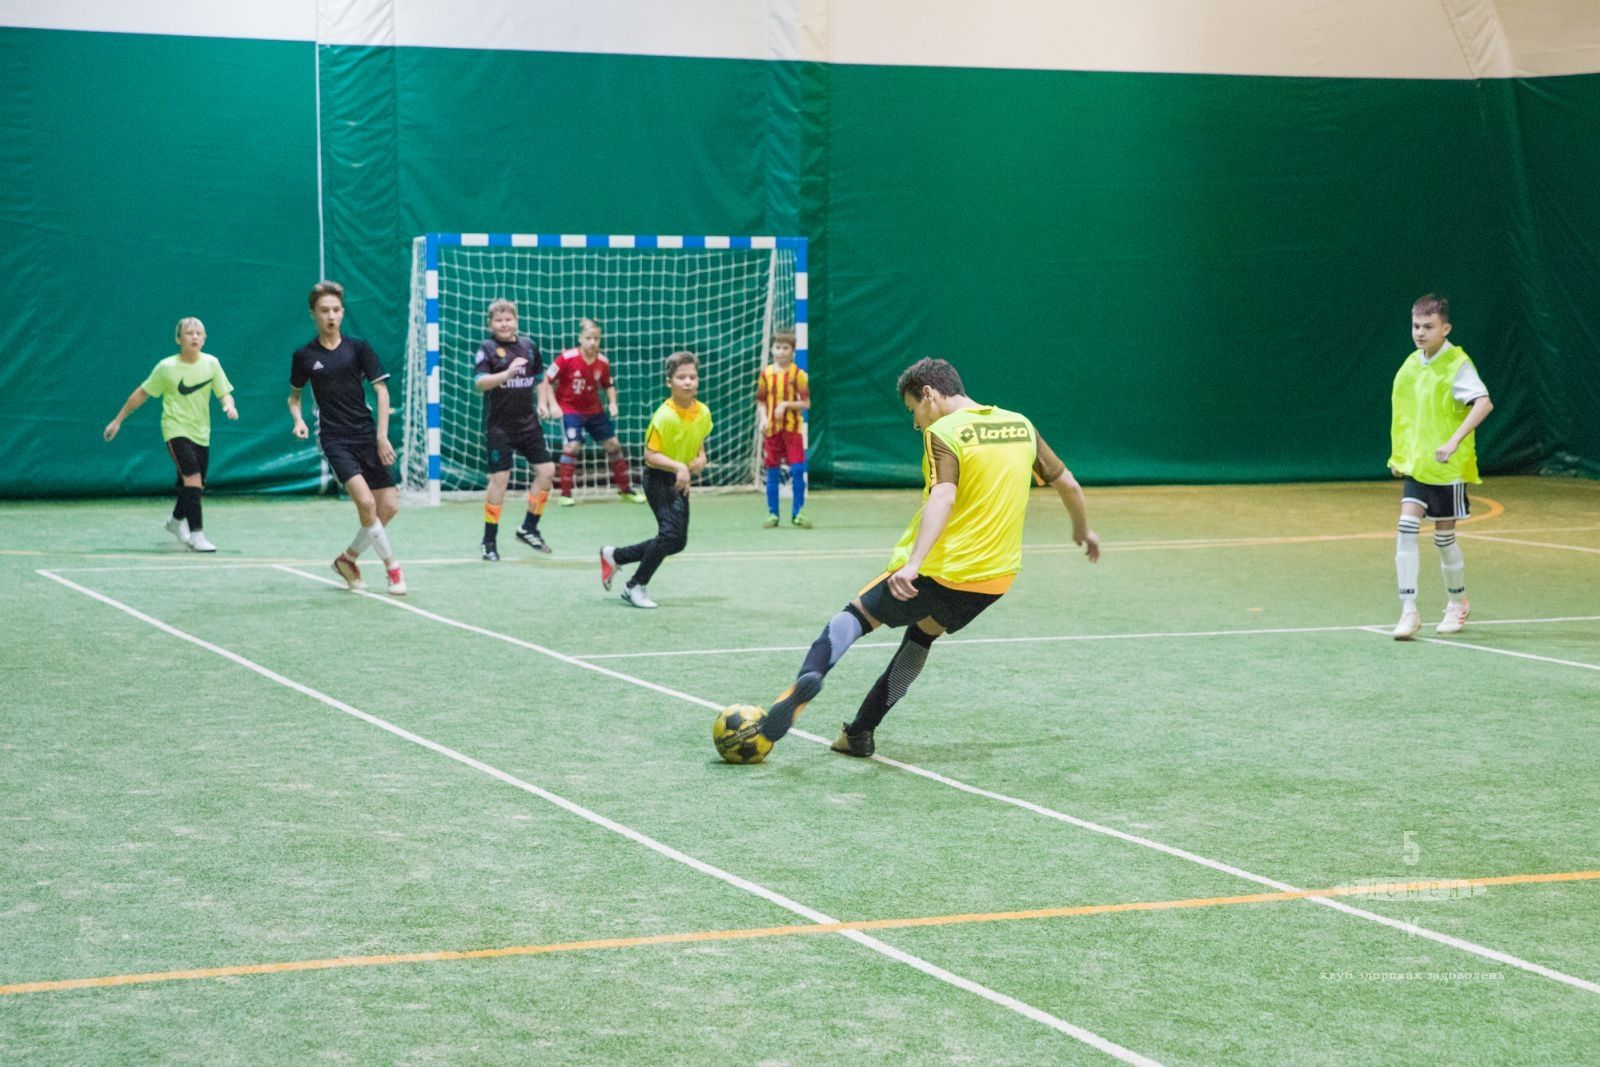 Дитячий футбол для дітей від 3 до 5 років— фітнес-клуб 5 елемент